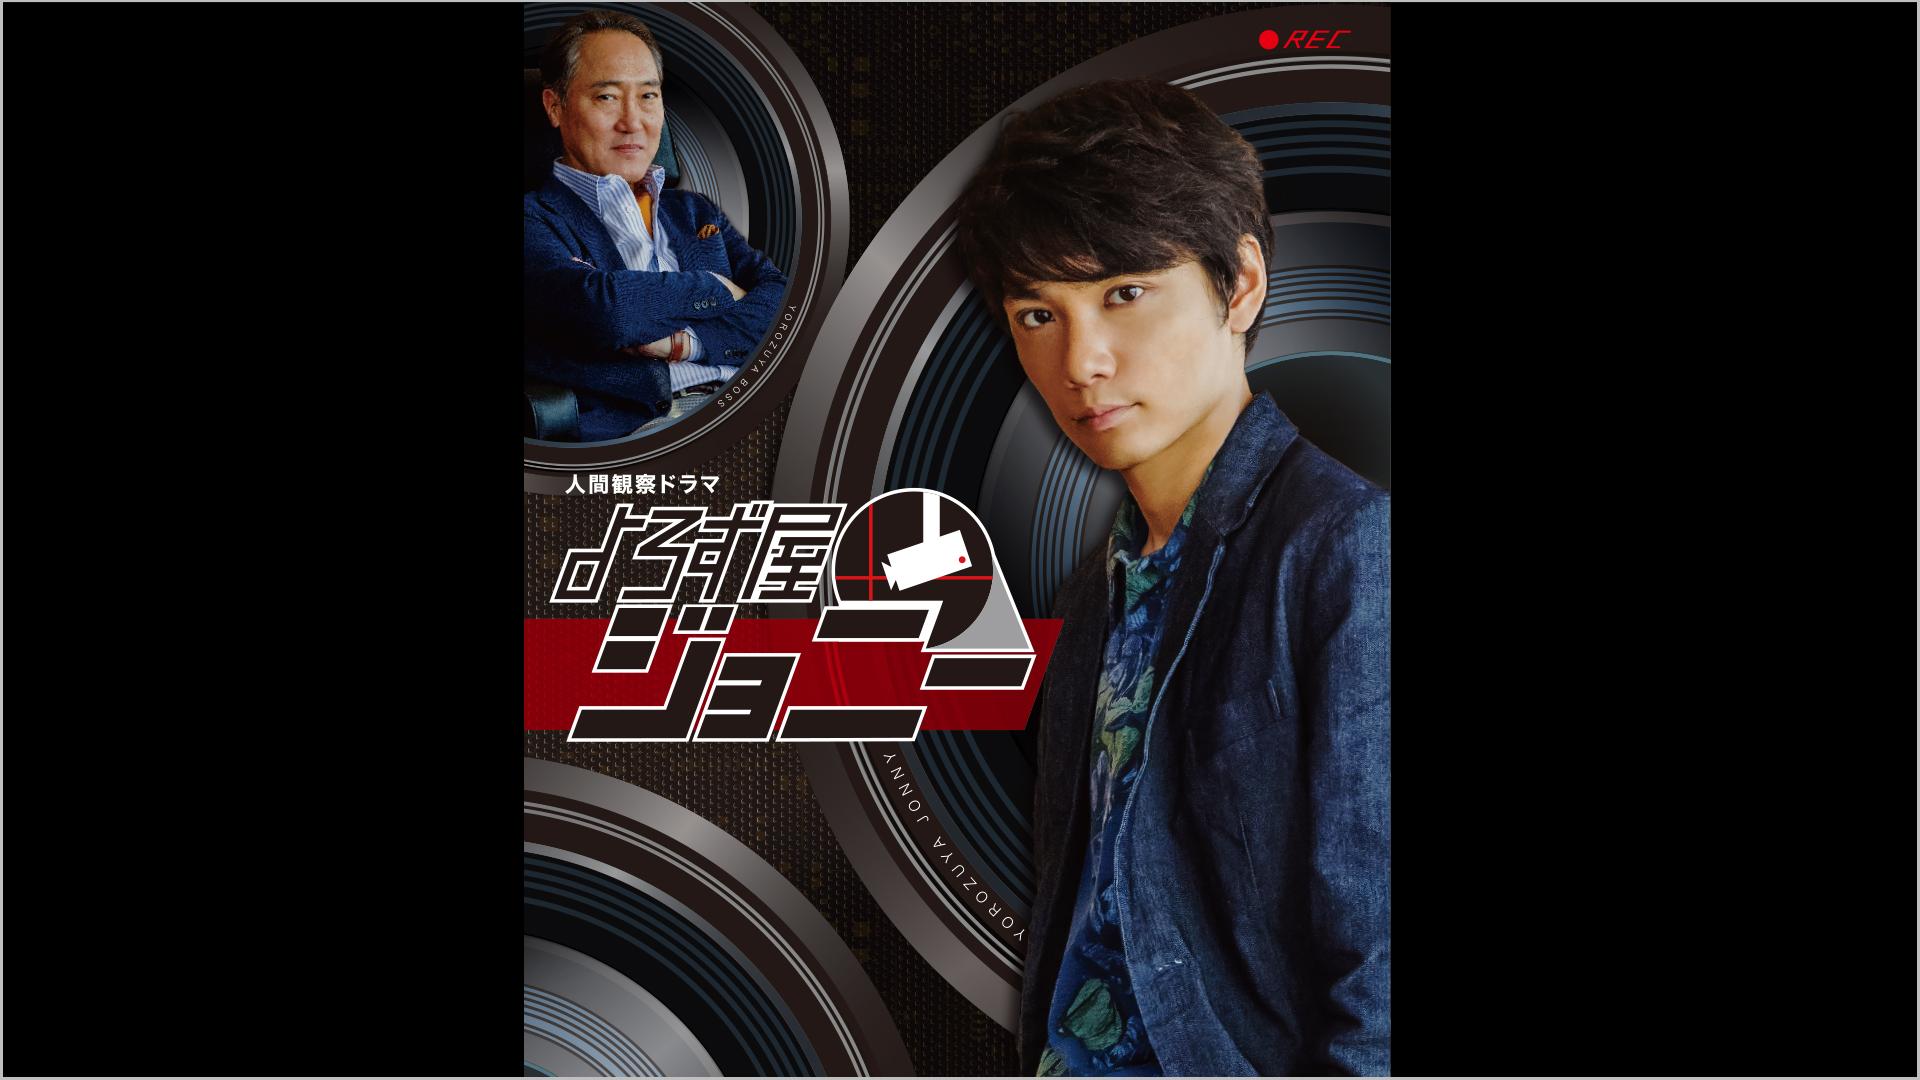 オリジナルドラマ「よろず屋ジョニー」 #4  隠しカメラでみる人間観察ドラマ!